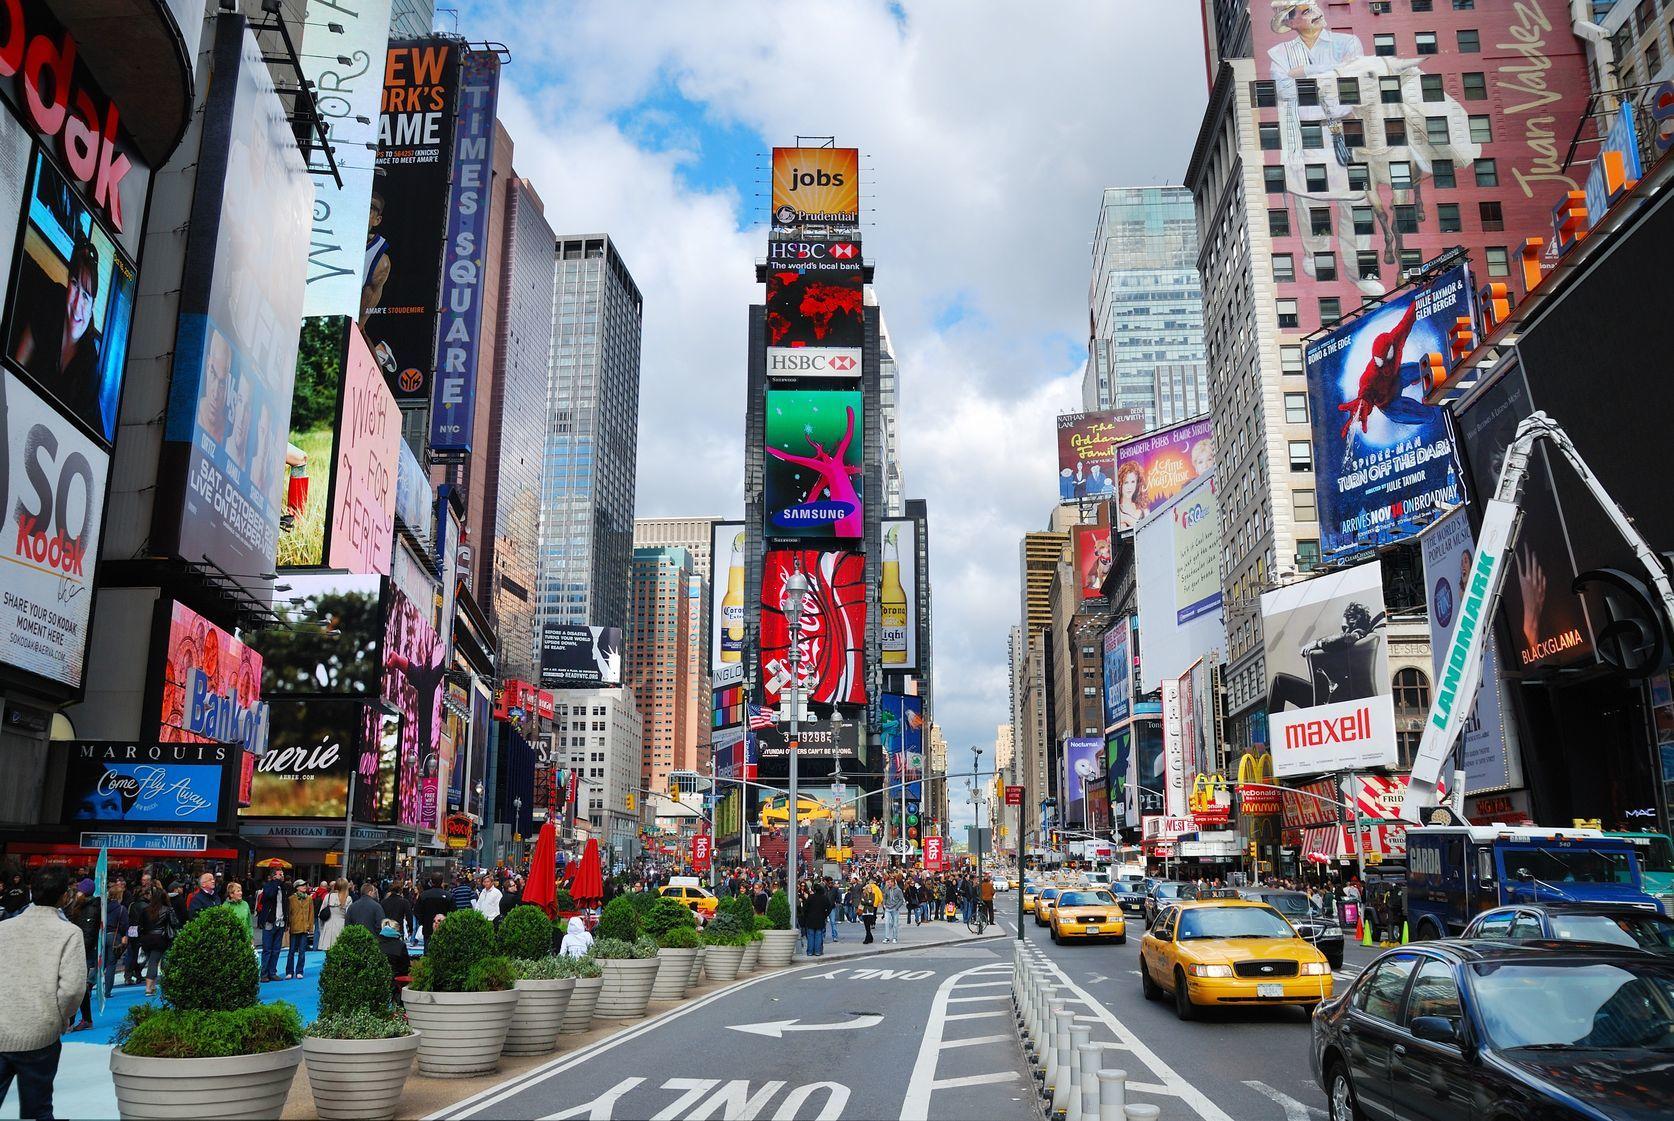 Doprava na Times Square | rabbit75123/123RF.com